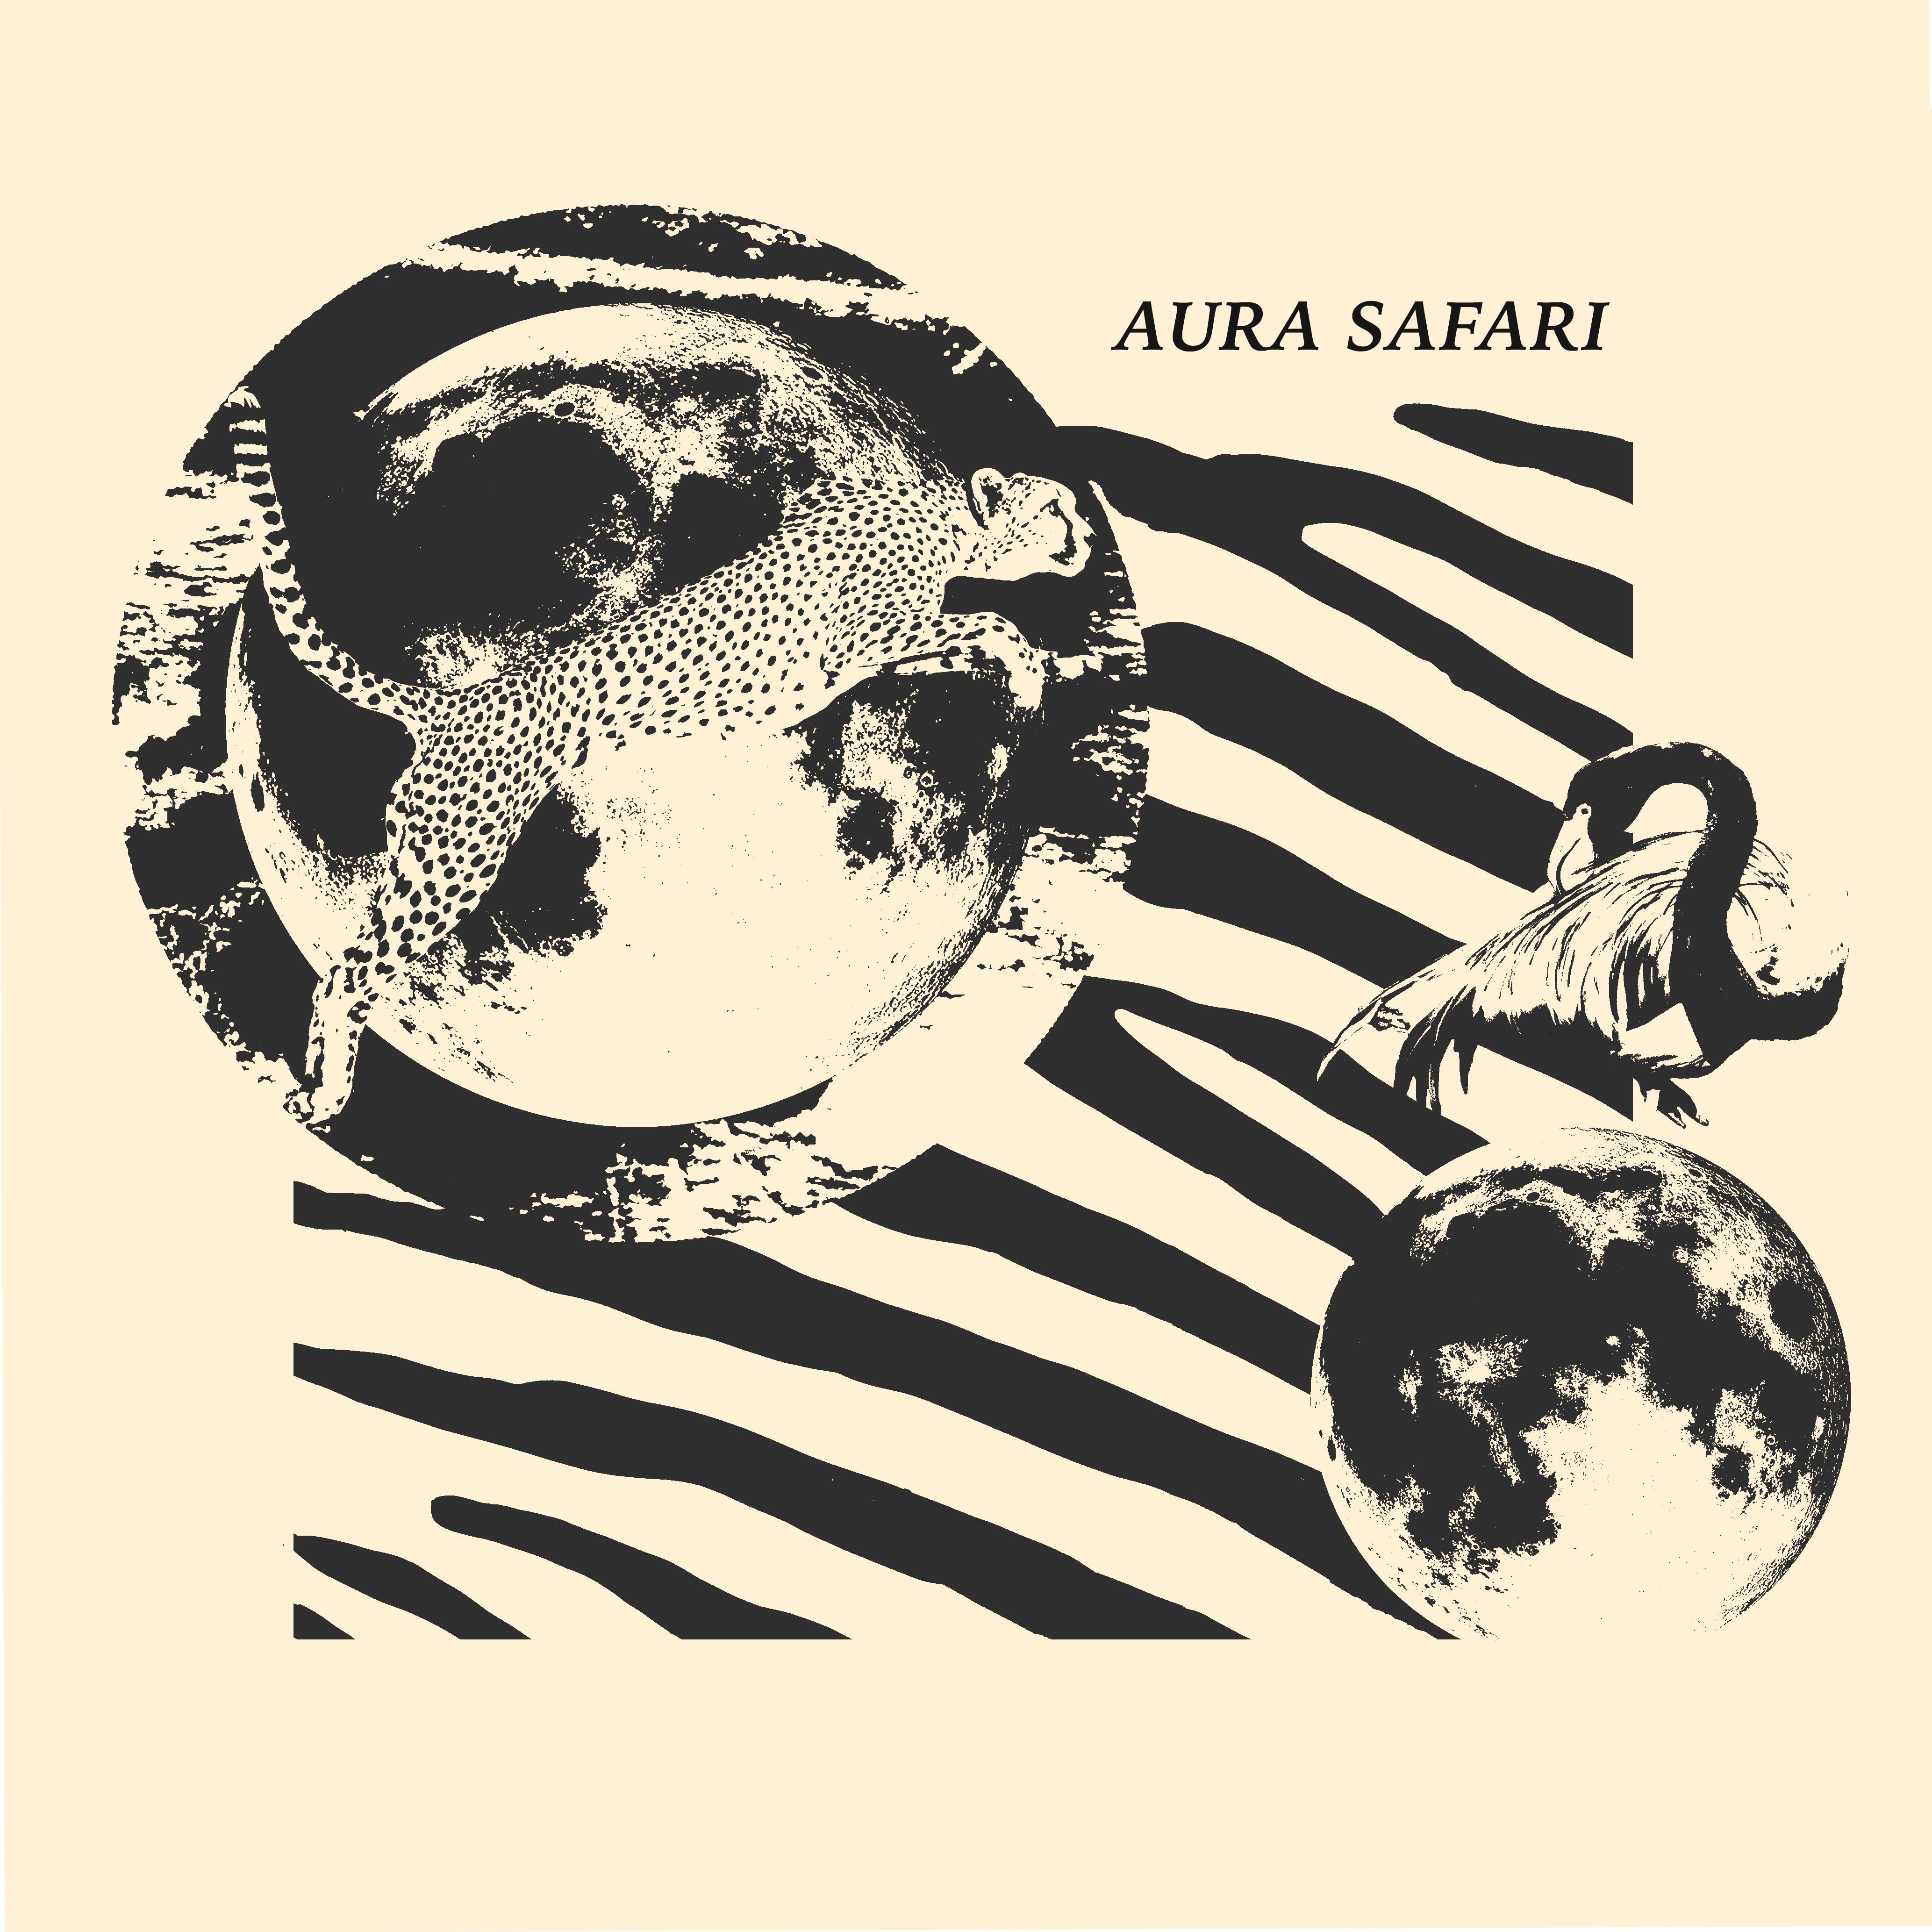 La nascita del collettivo Aura Safari